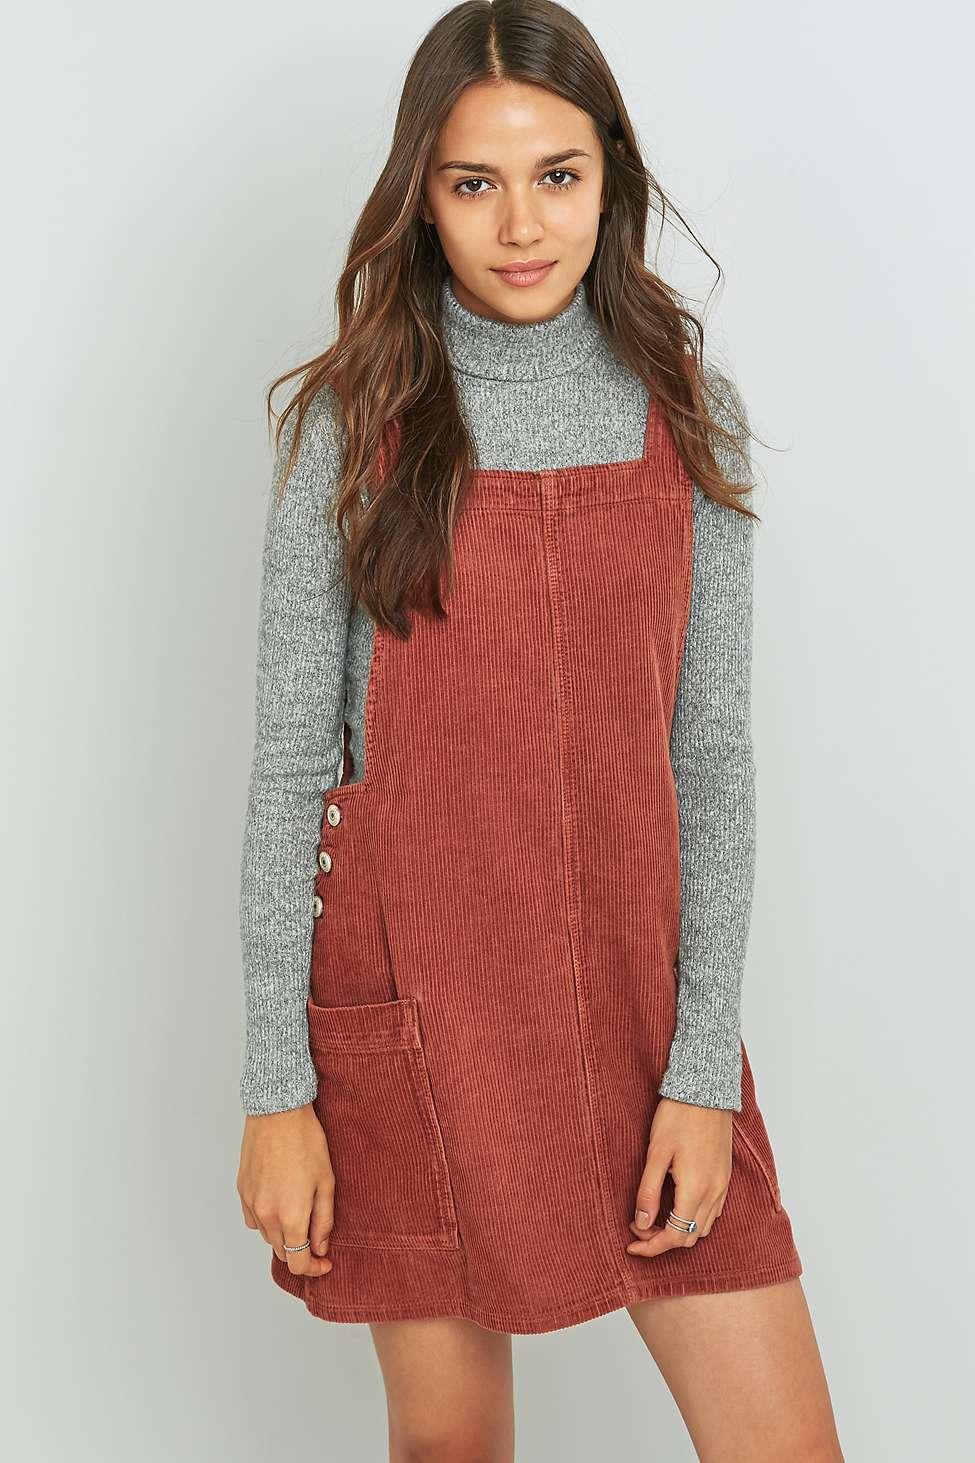 1baac883a5 Urban Outfitters Bdg Black Denim Skirt – DACC